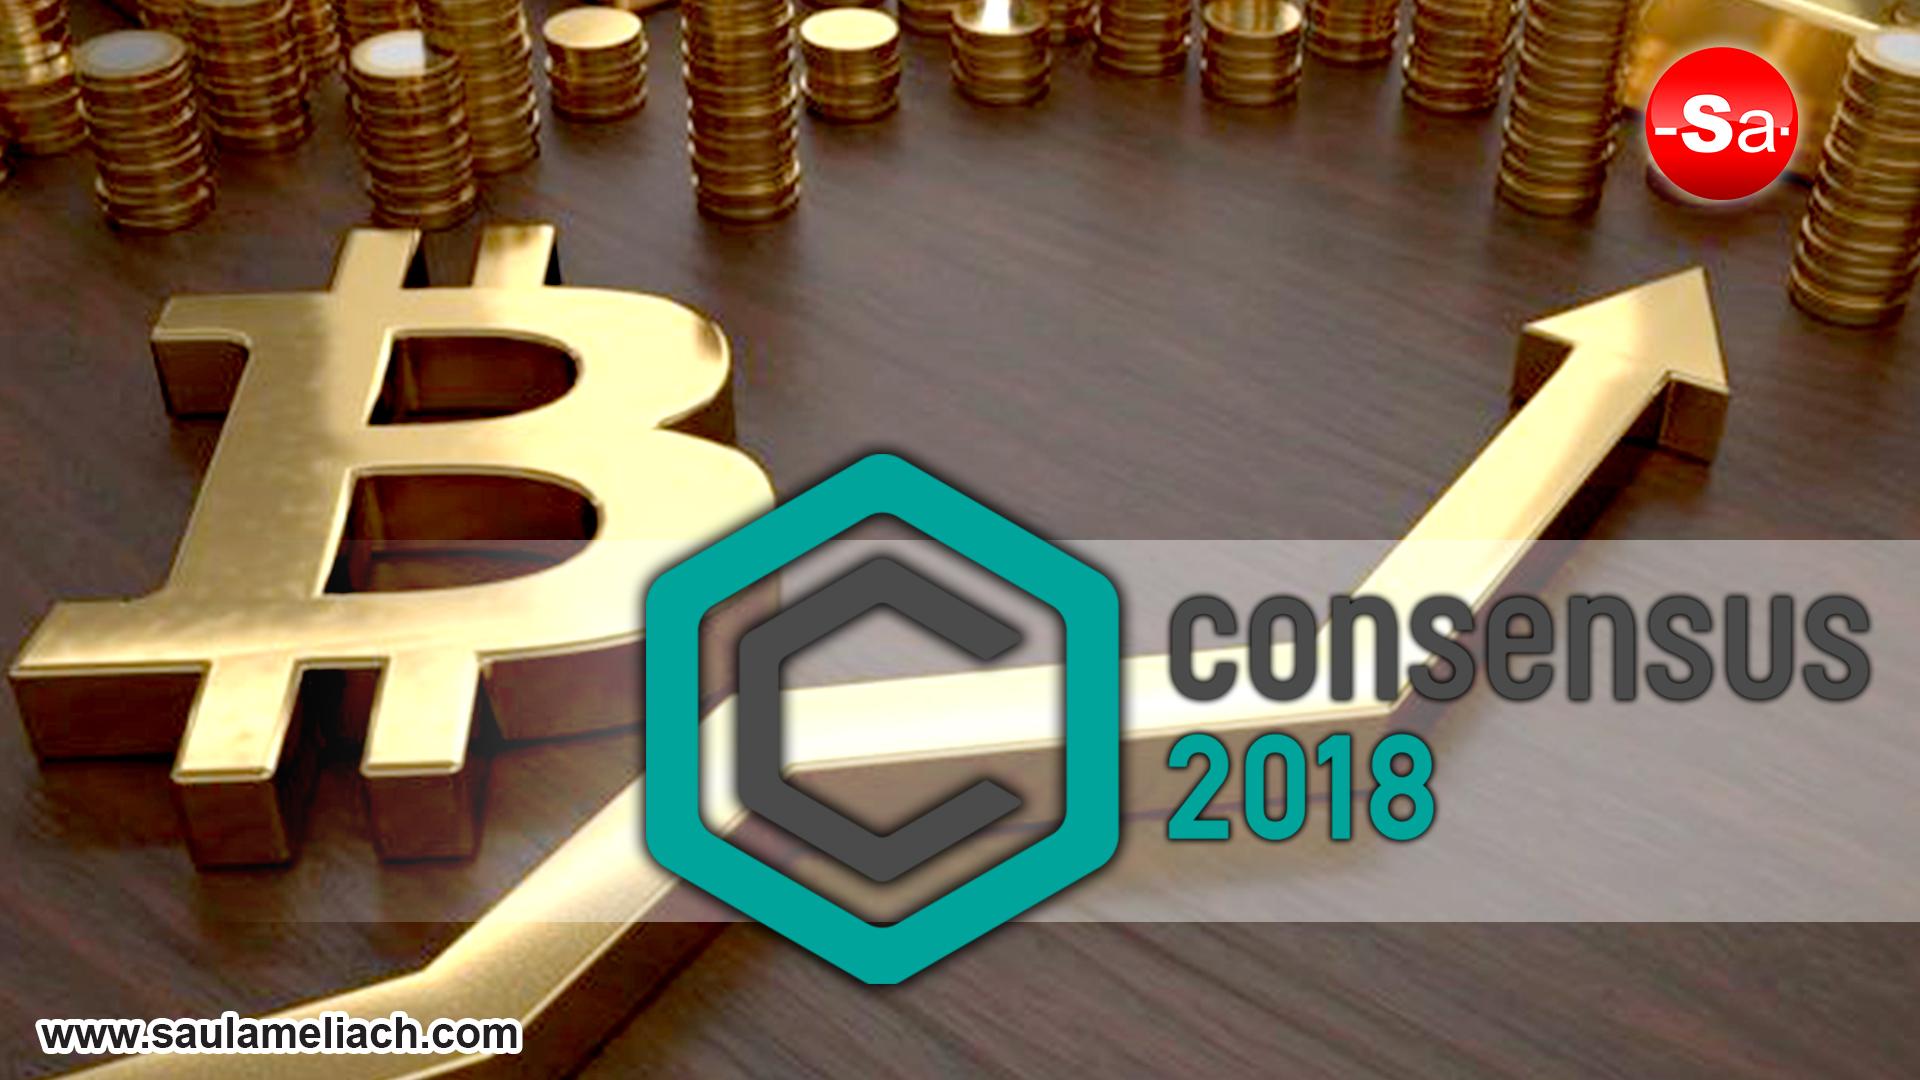 saul - ameliach - conferencia - consensus